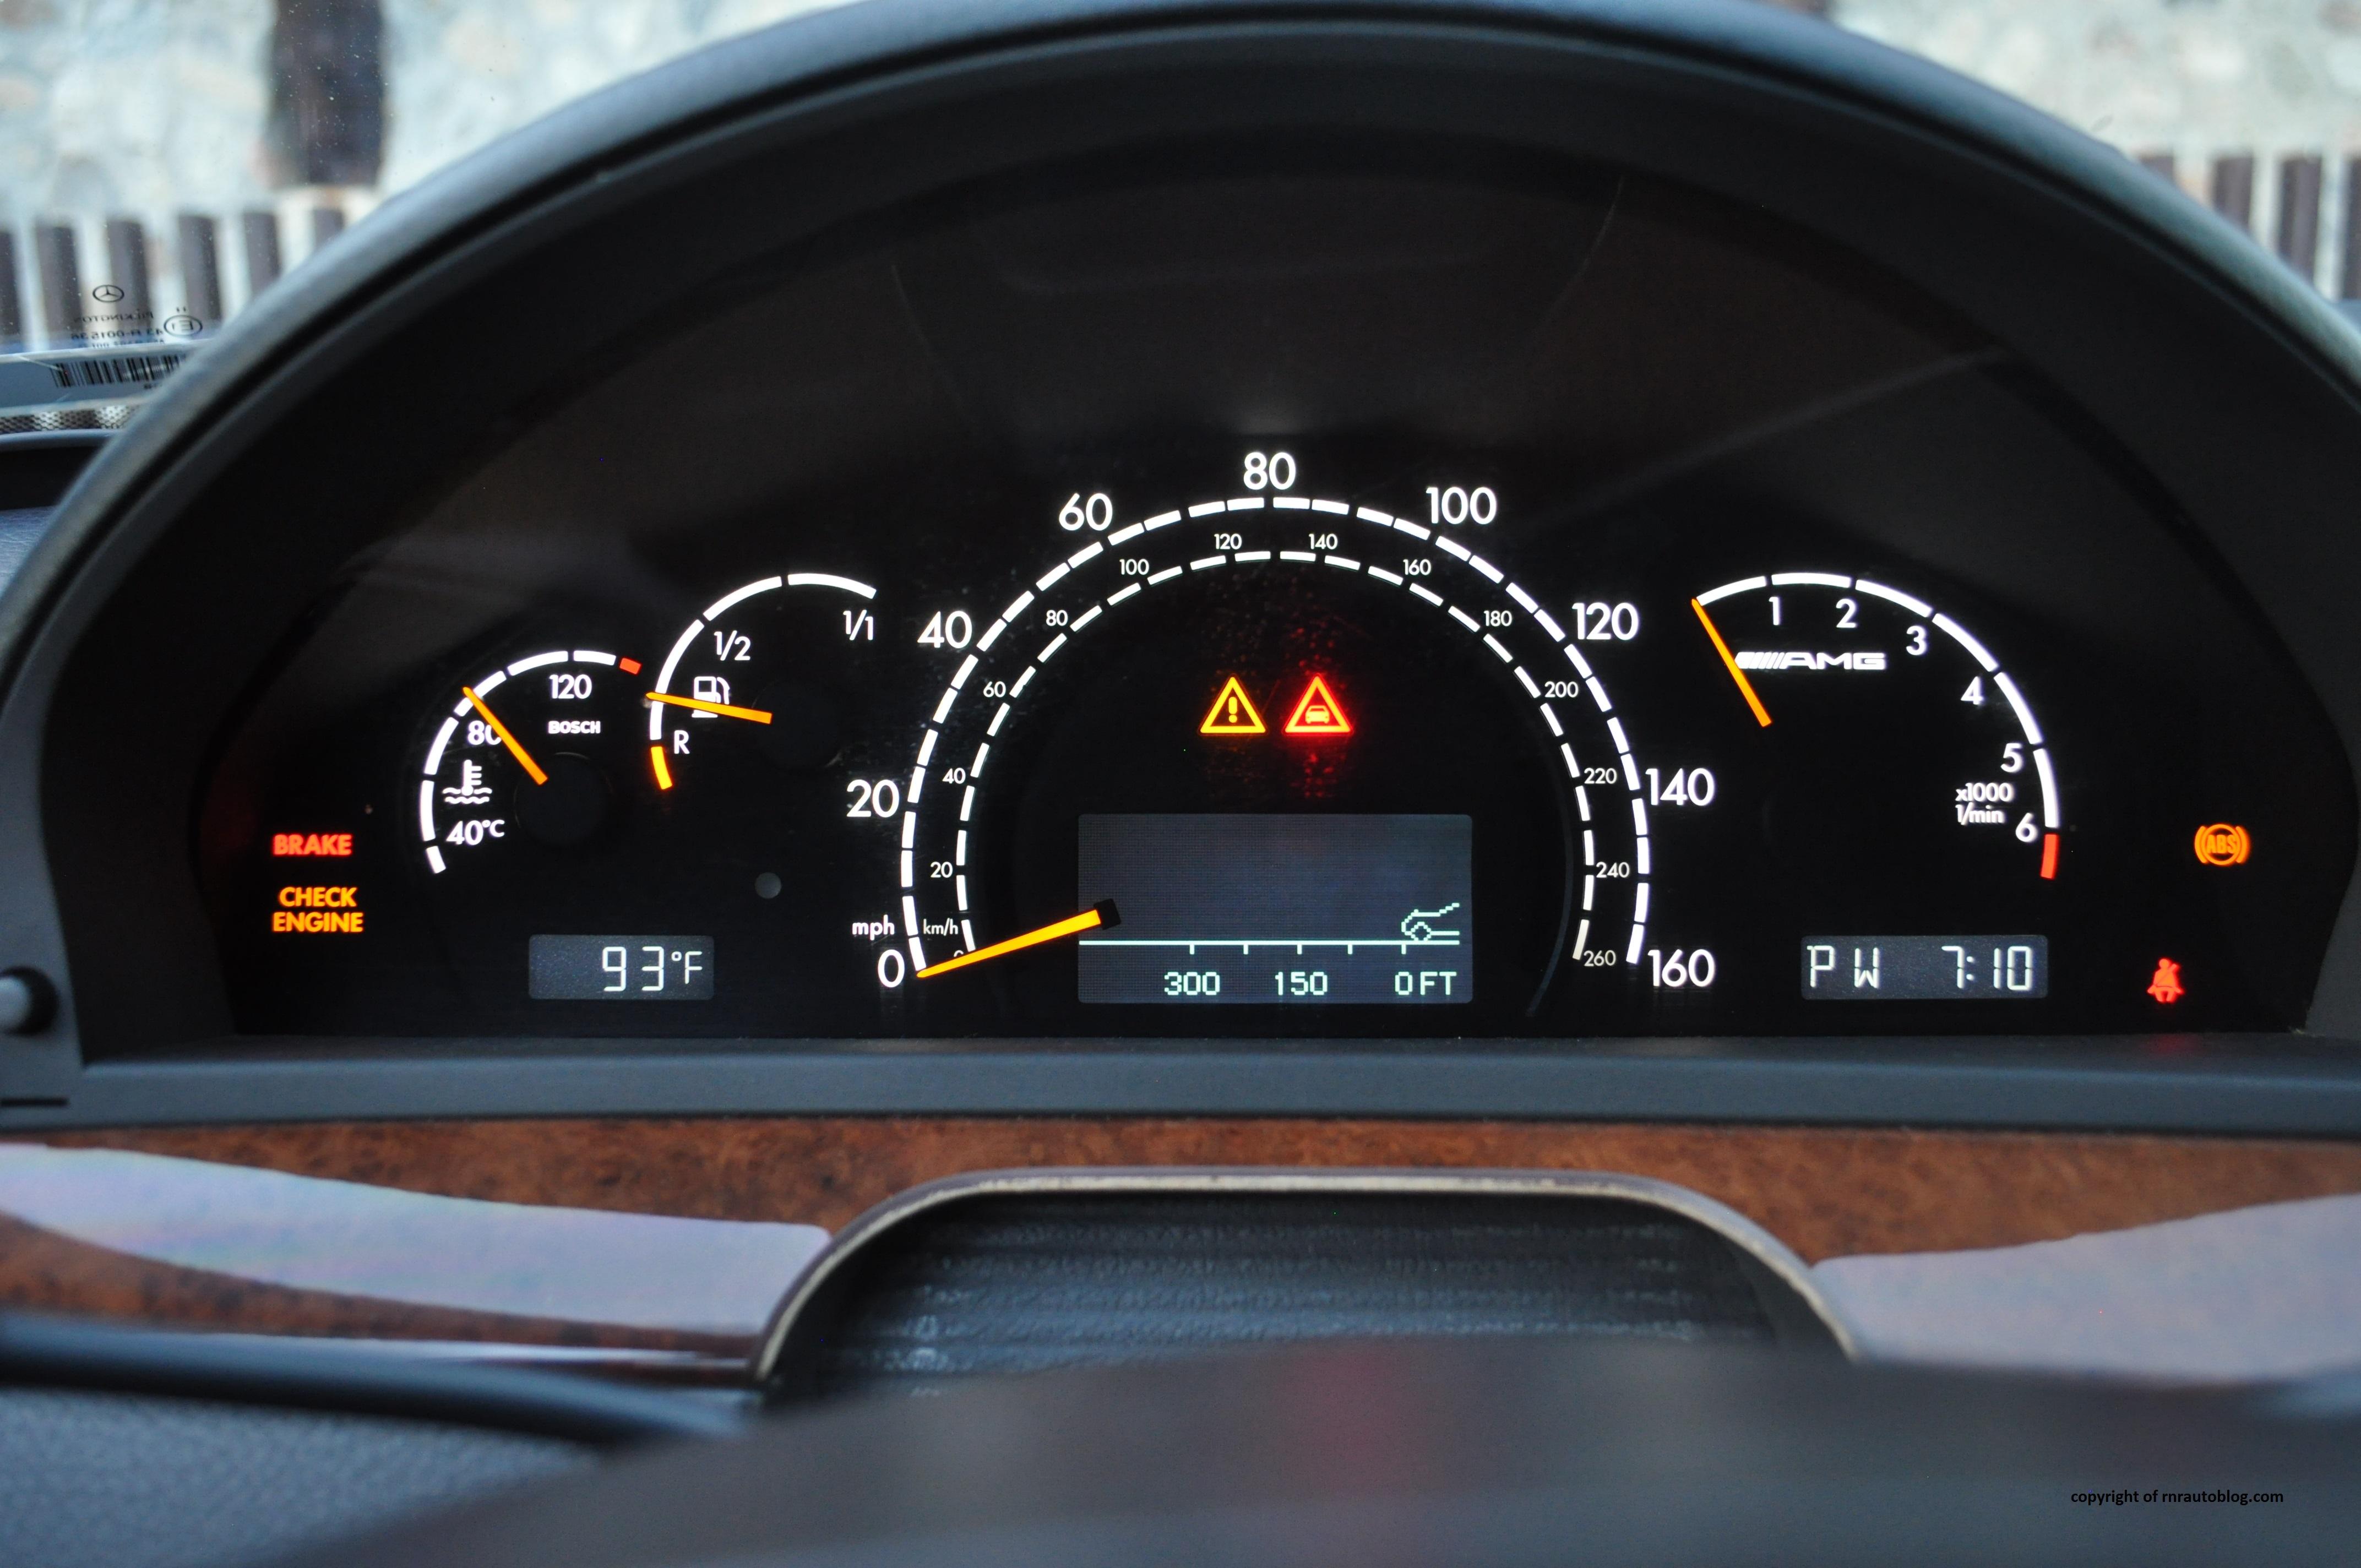 2001 mercedes benz s55 amg review rnr automotive blog s55 gauges publicscrutiny Images